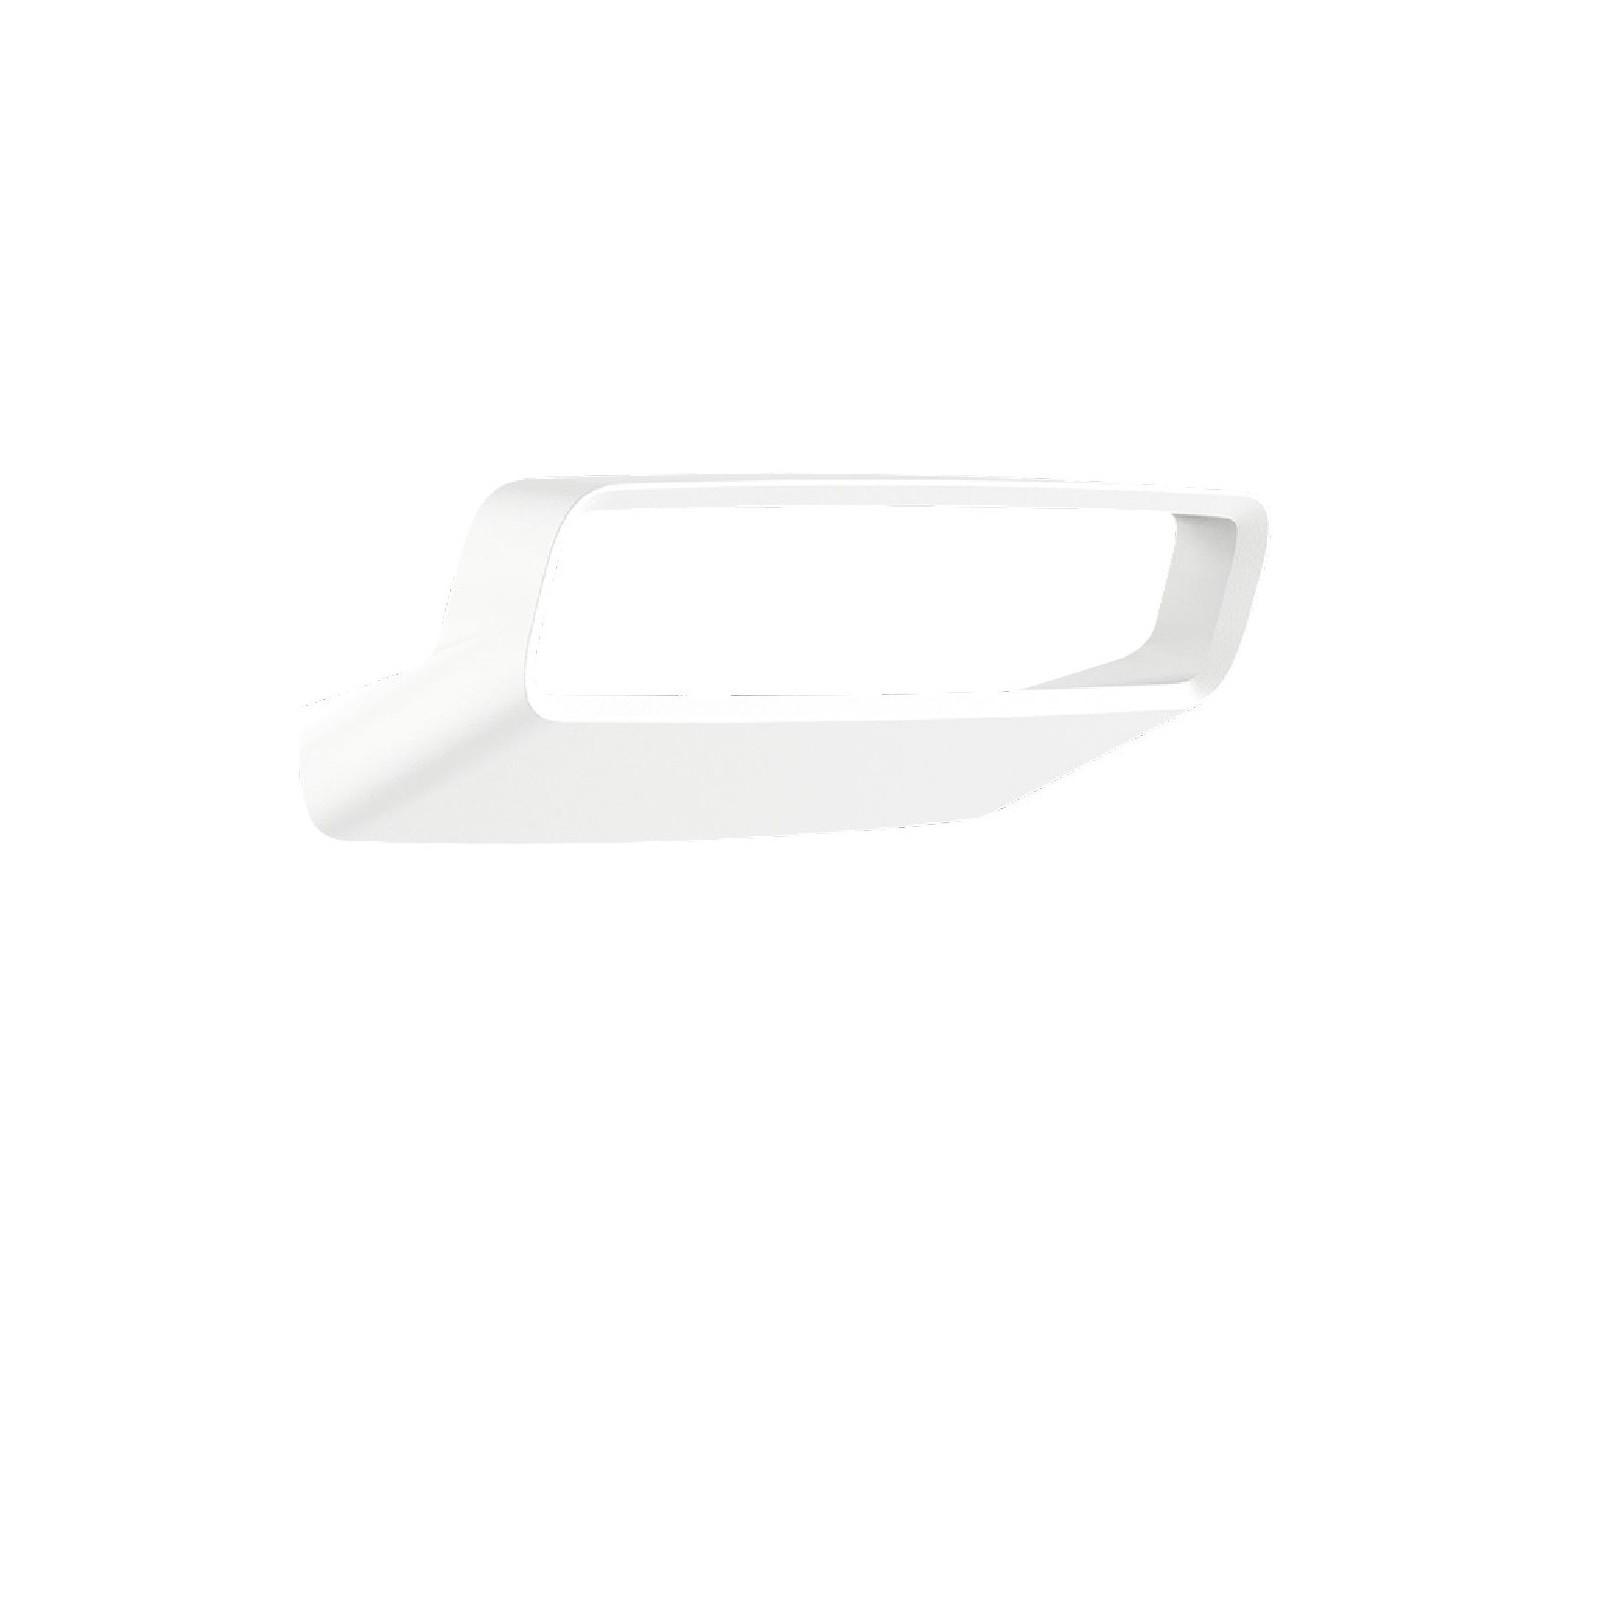 Φωτιστικό Τοίχου Aile (Λευκό) - Lodes